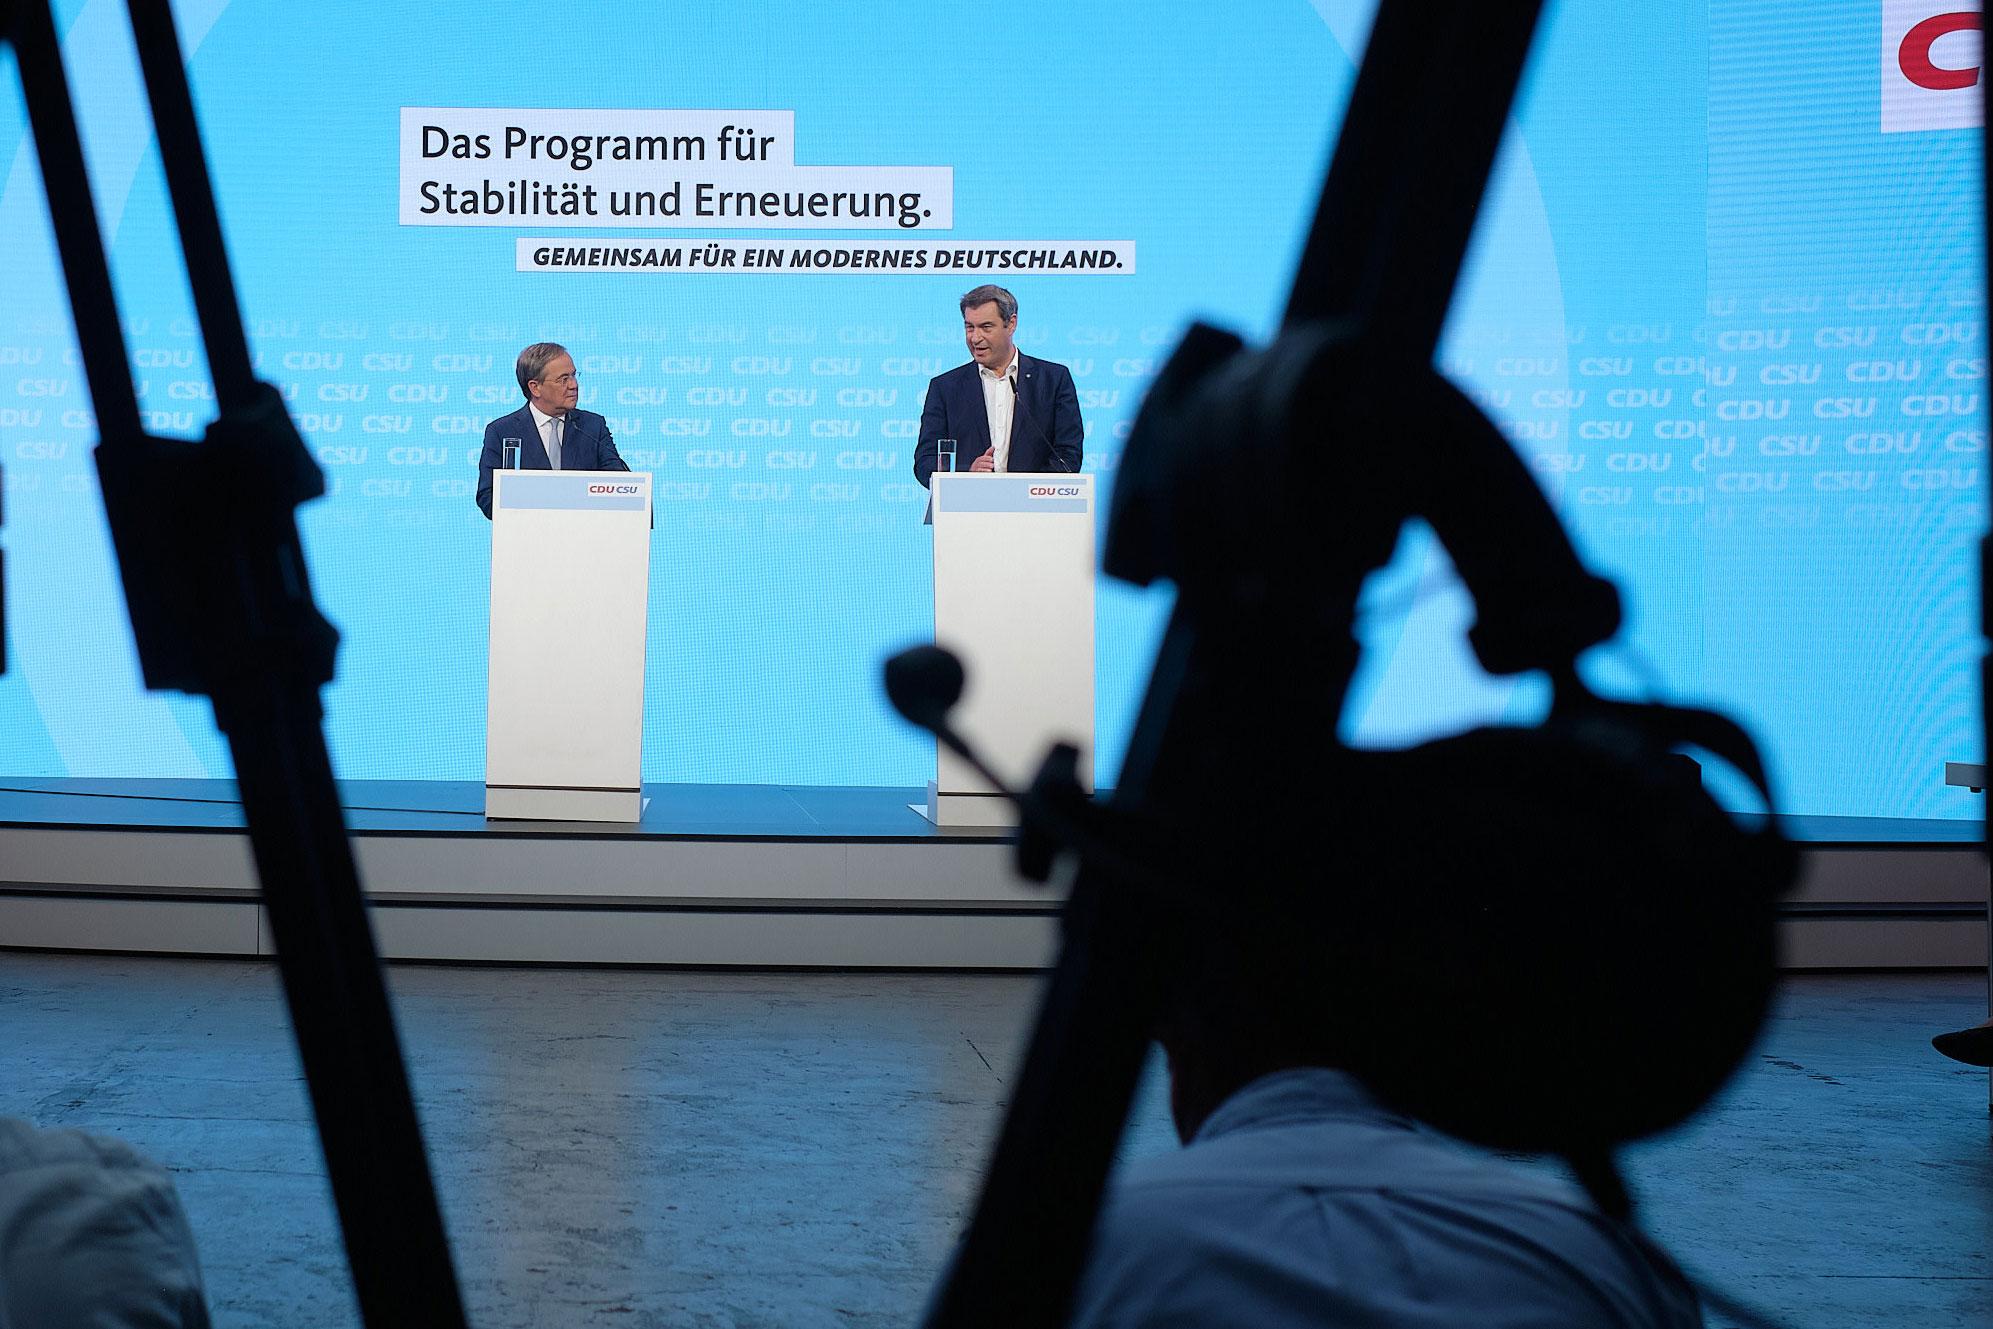 Zahlreiche Initiativen aus Hamburg im CDU/CSU-Regierungsprogramm / Armin Laschet hat volle Unterstützung der Hamburger CDU